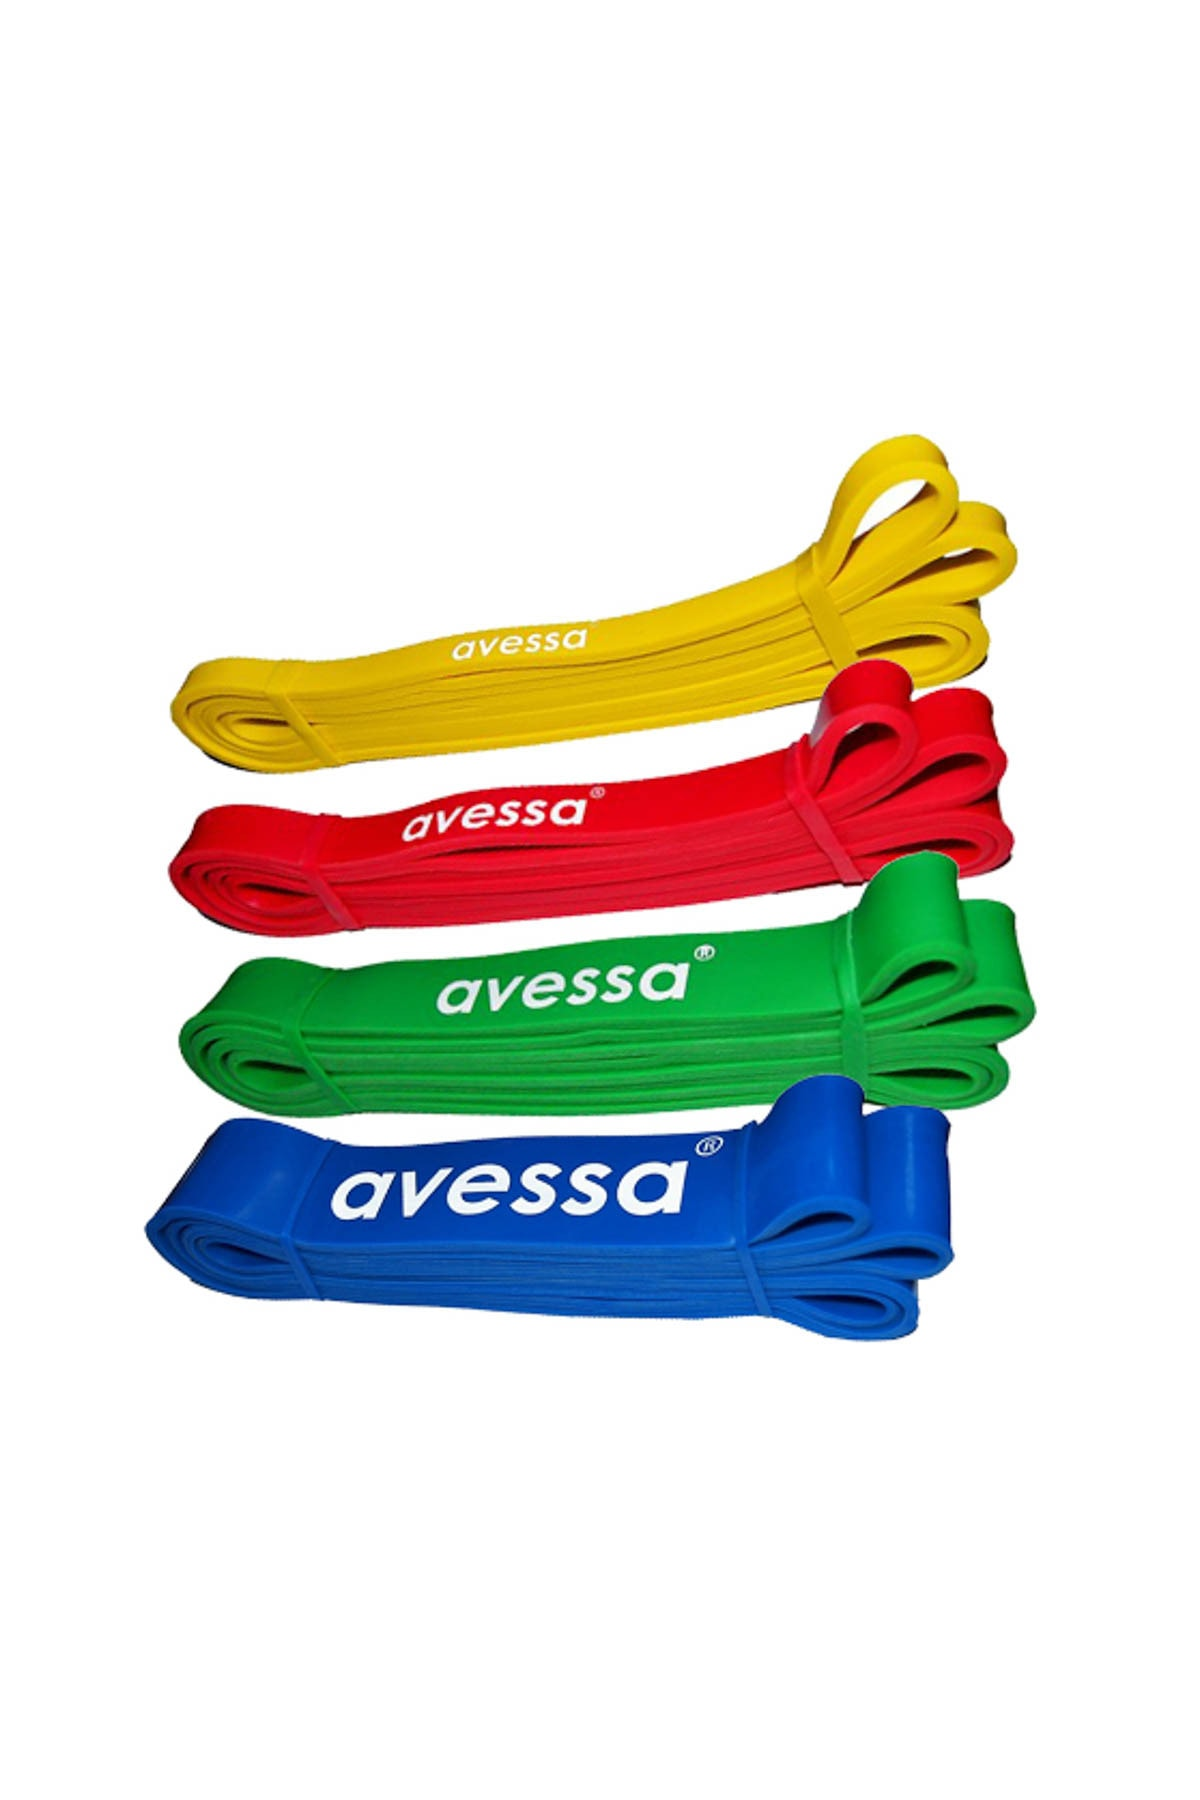 AVESSA Latex Güç Bandı Direnç Lastiği Yeşil Lpb32 2